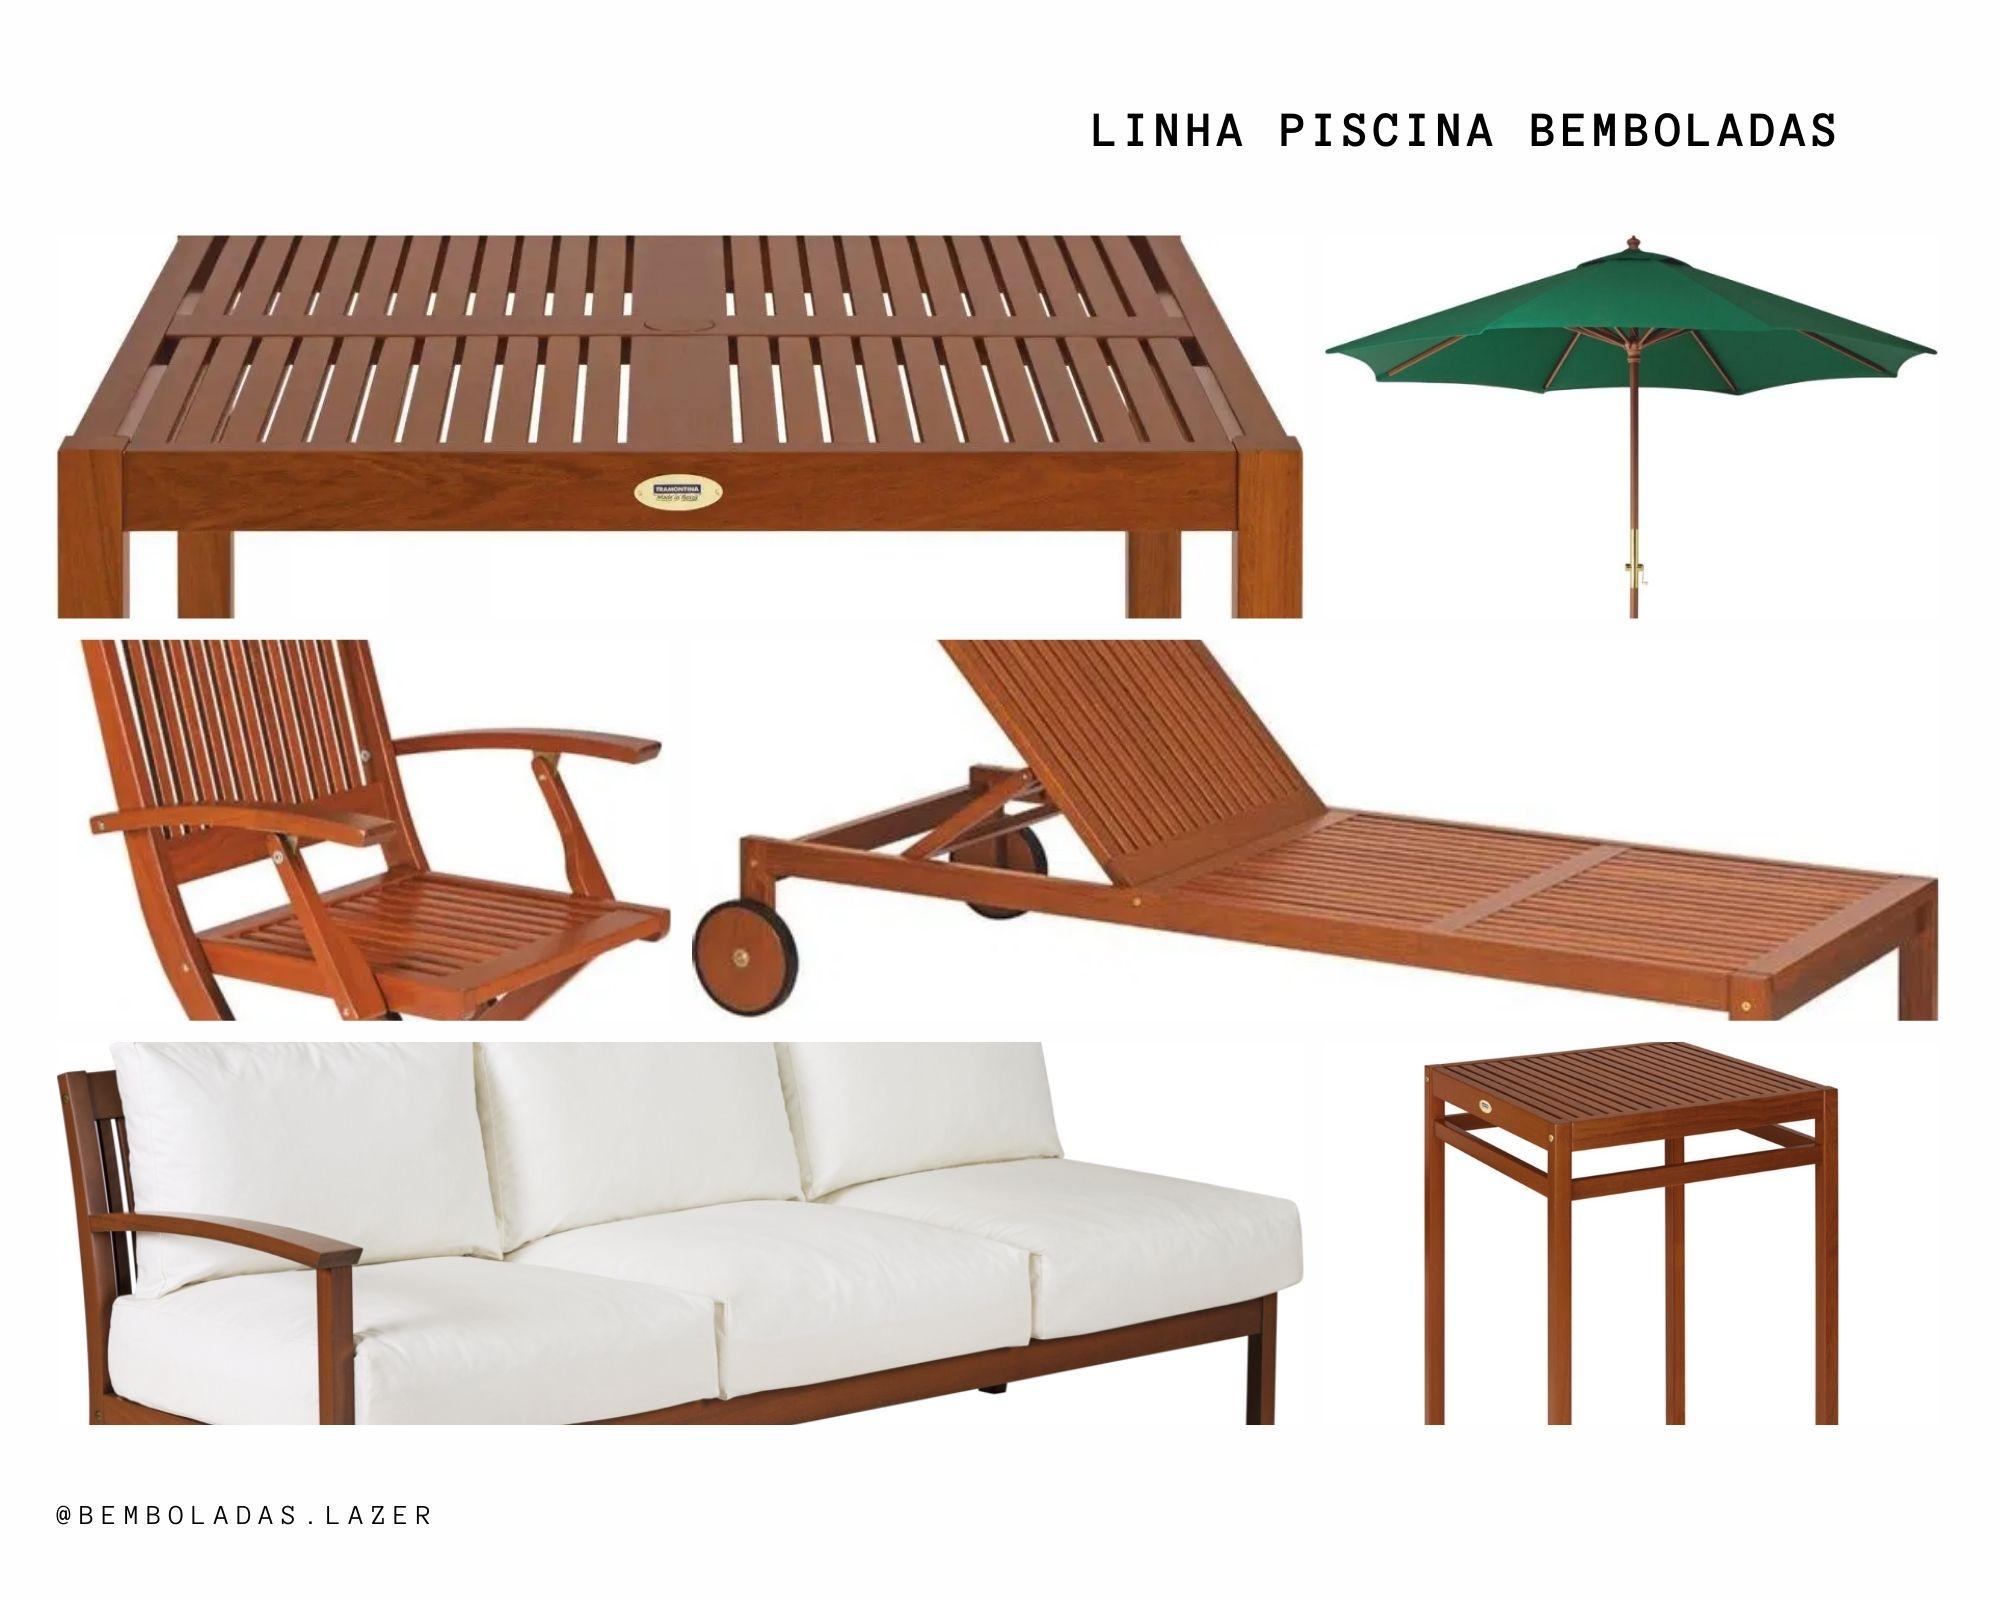 Kit Piscina - Bemboladas